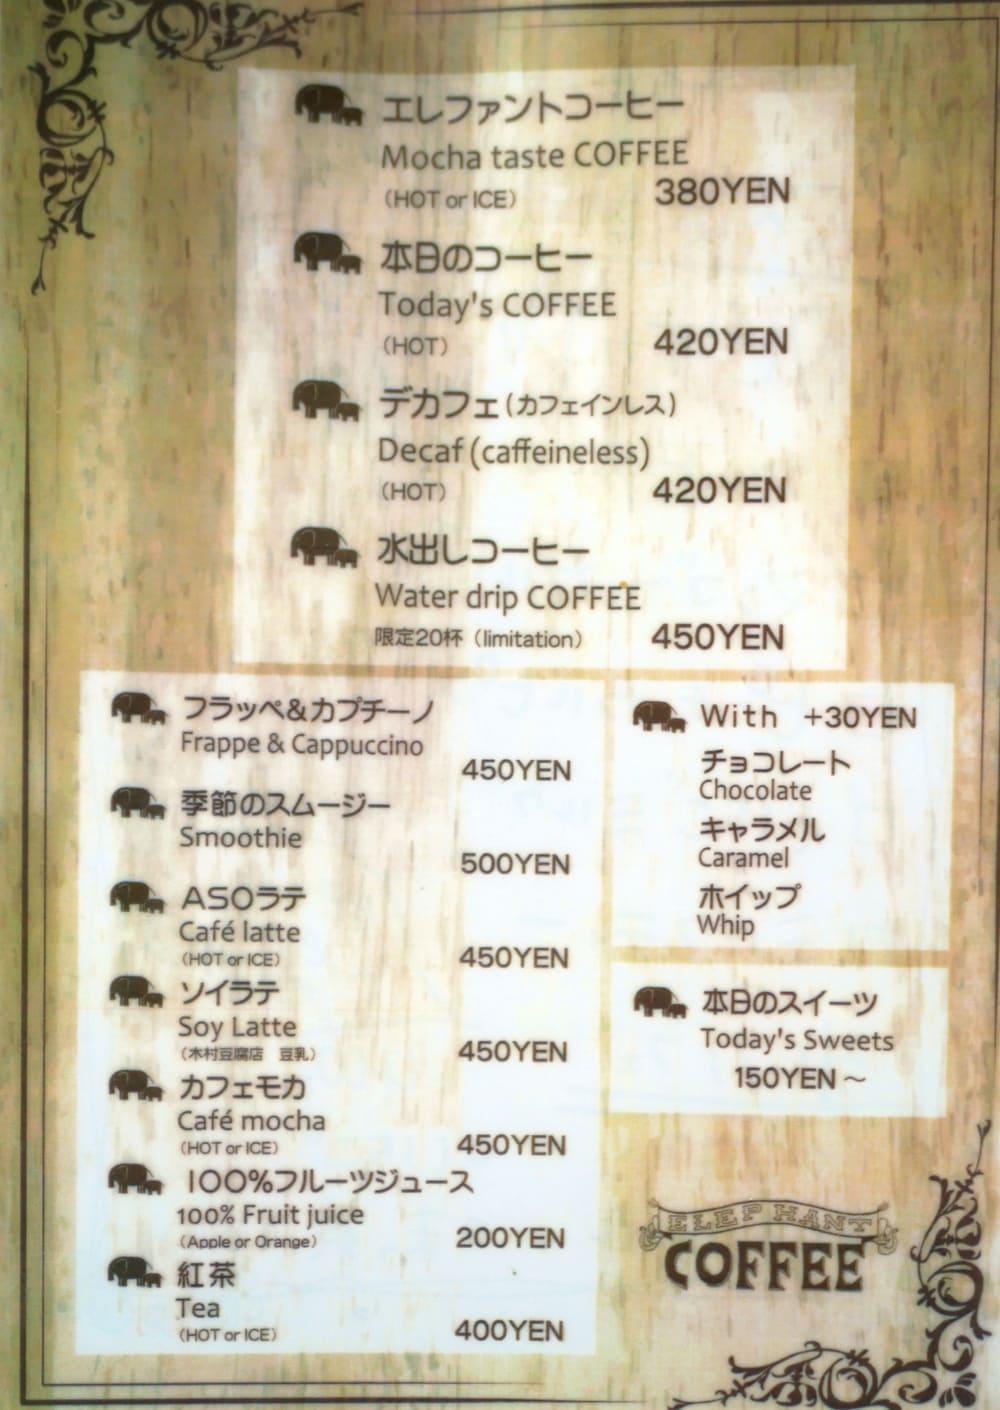 エレファントコーヒーのメニュー4